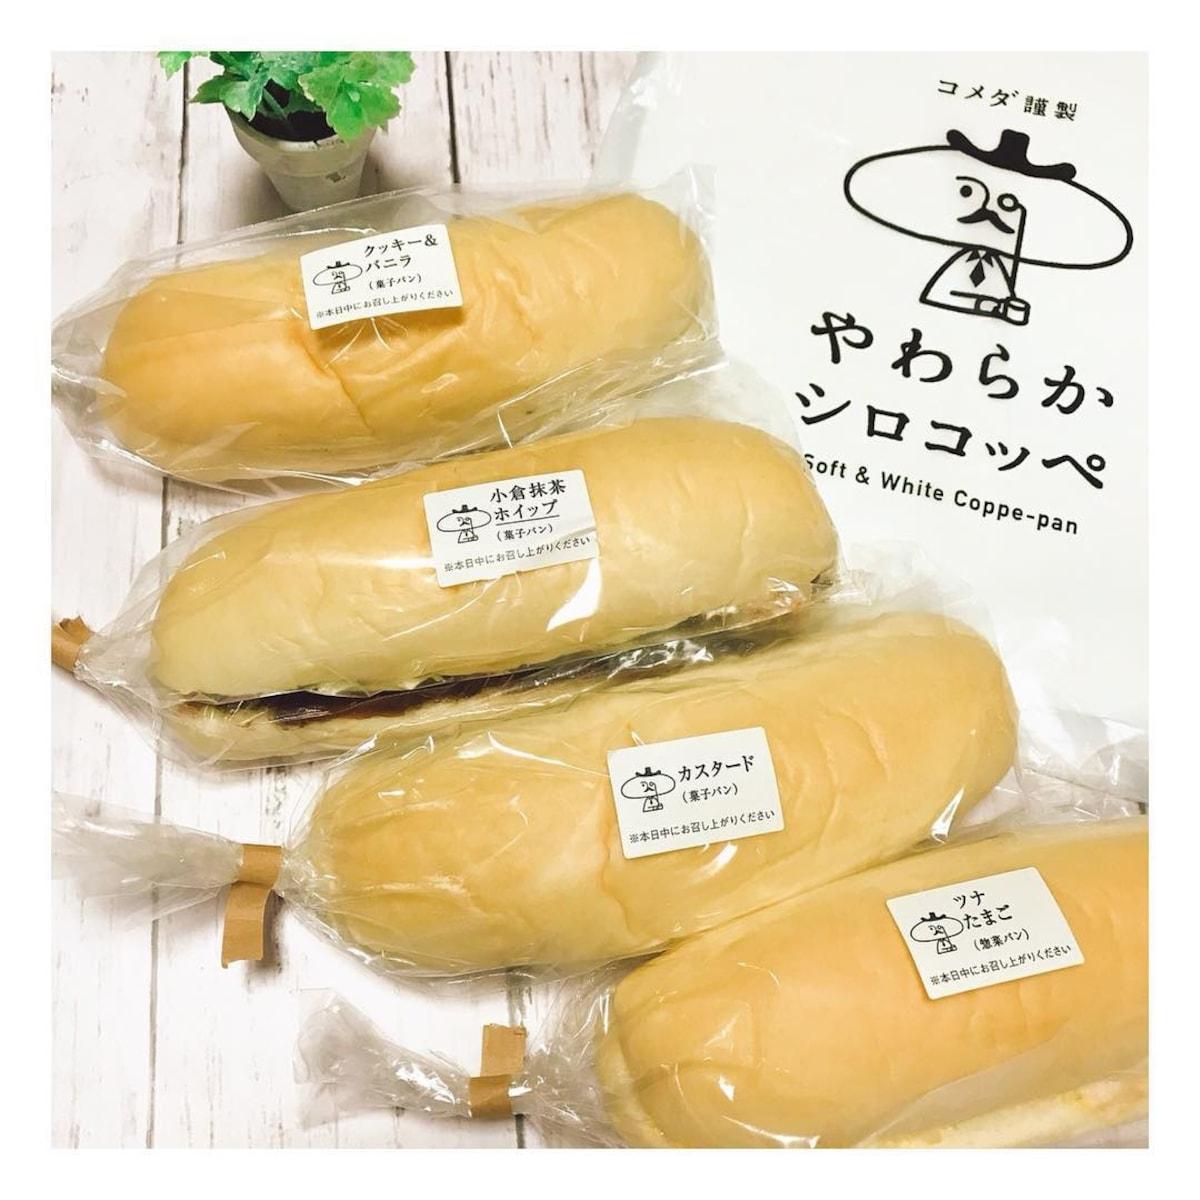 ▍東京晴空塔站:Komeda Coffee出品的「Coppe-pan西式軟麵包專賣店」